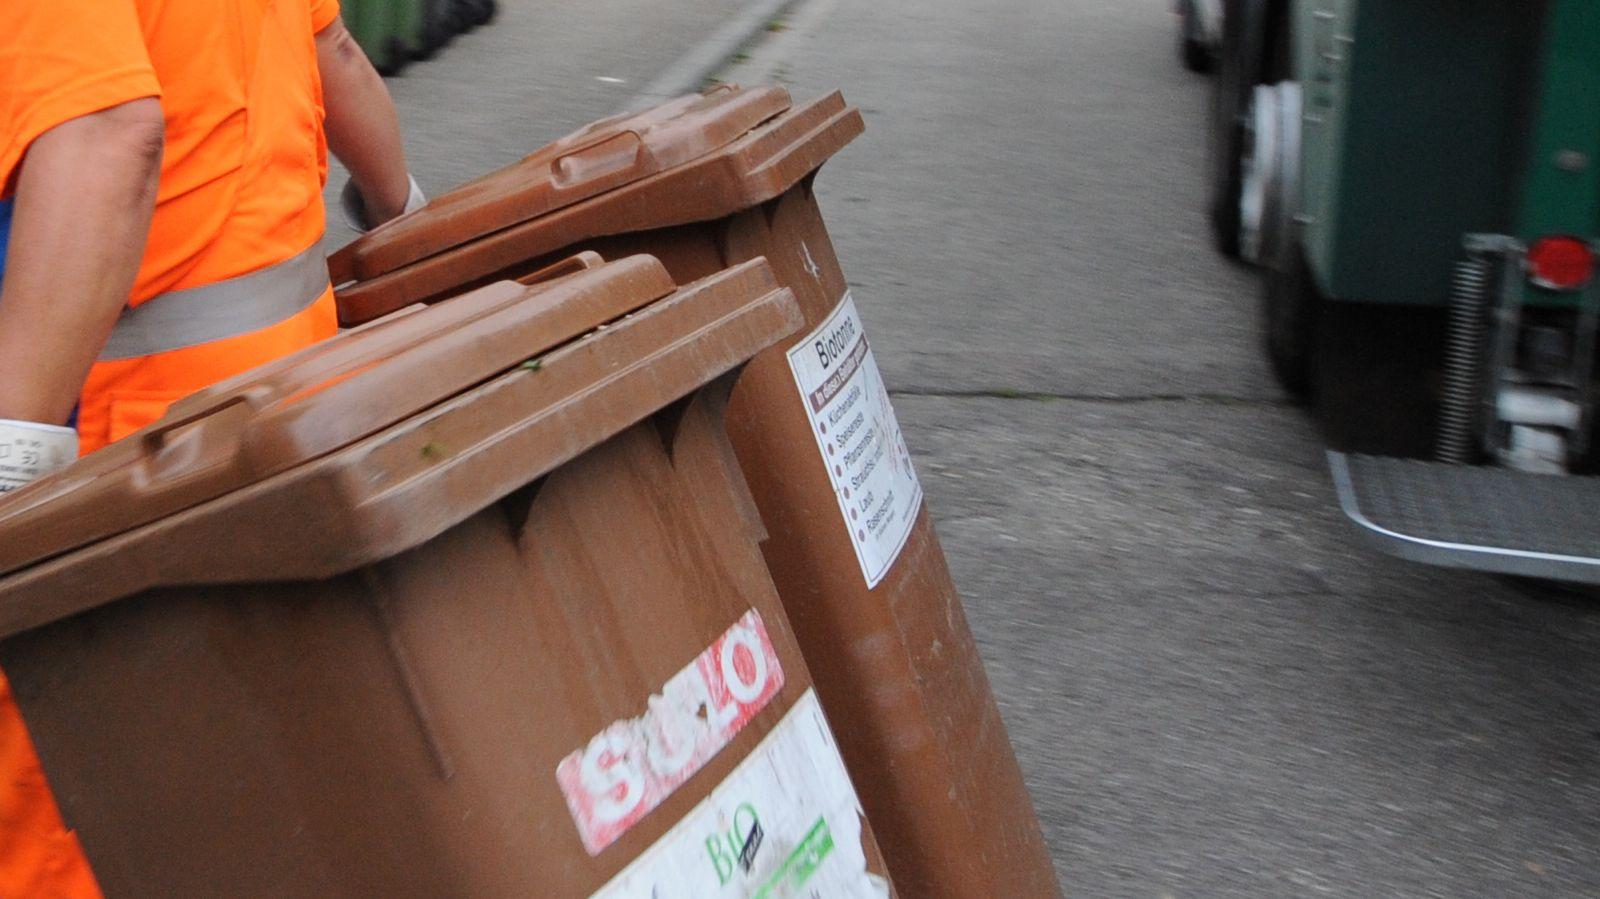 Ein Beschäftigter der Müllabfuhr zieht zwei Biotonnen hinter sich her (Symbolbild)